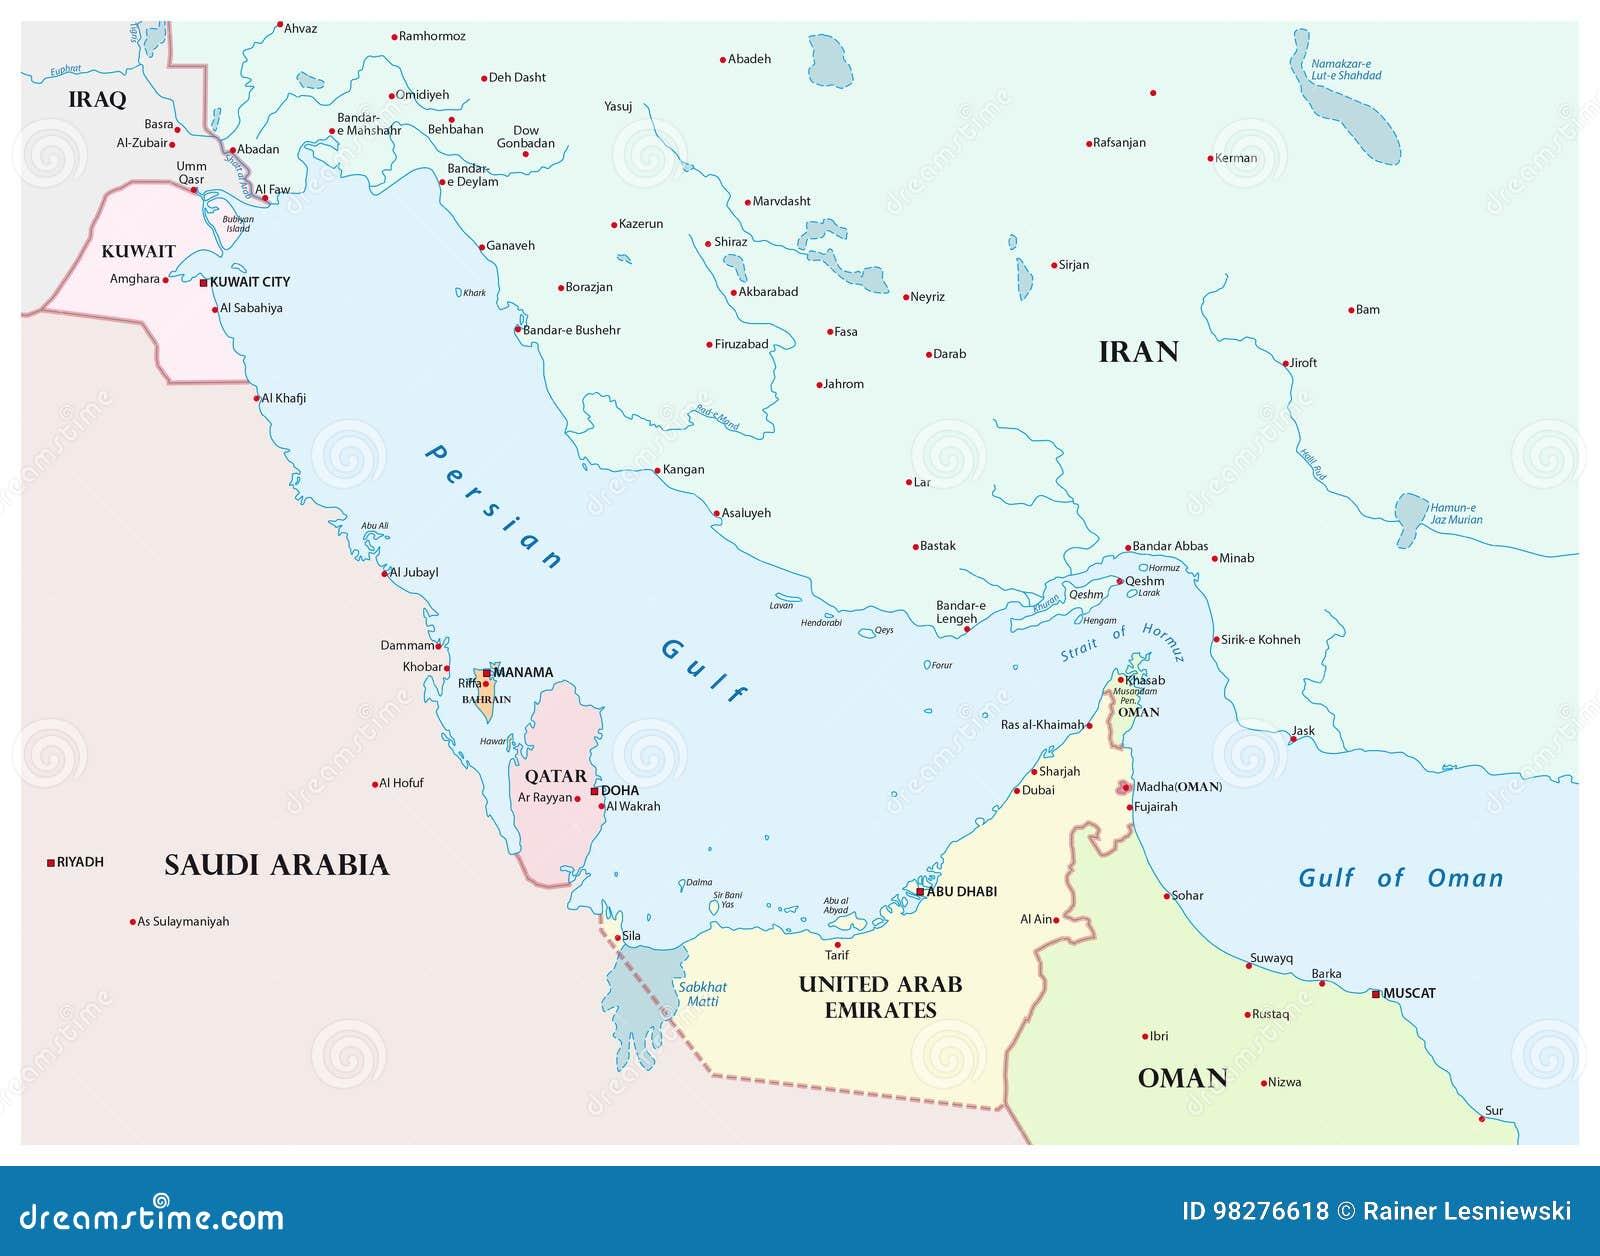 Karte Des Persischen Golfs Und Seiner Anliegerstaat Vektor